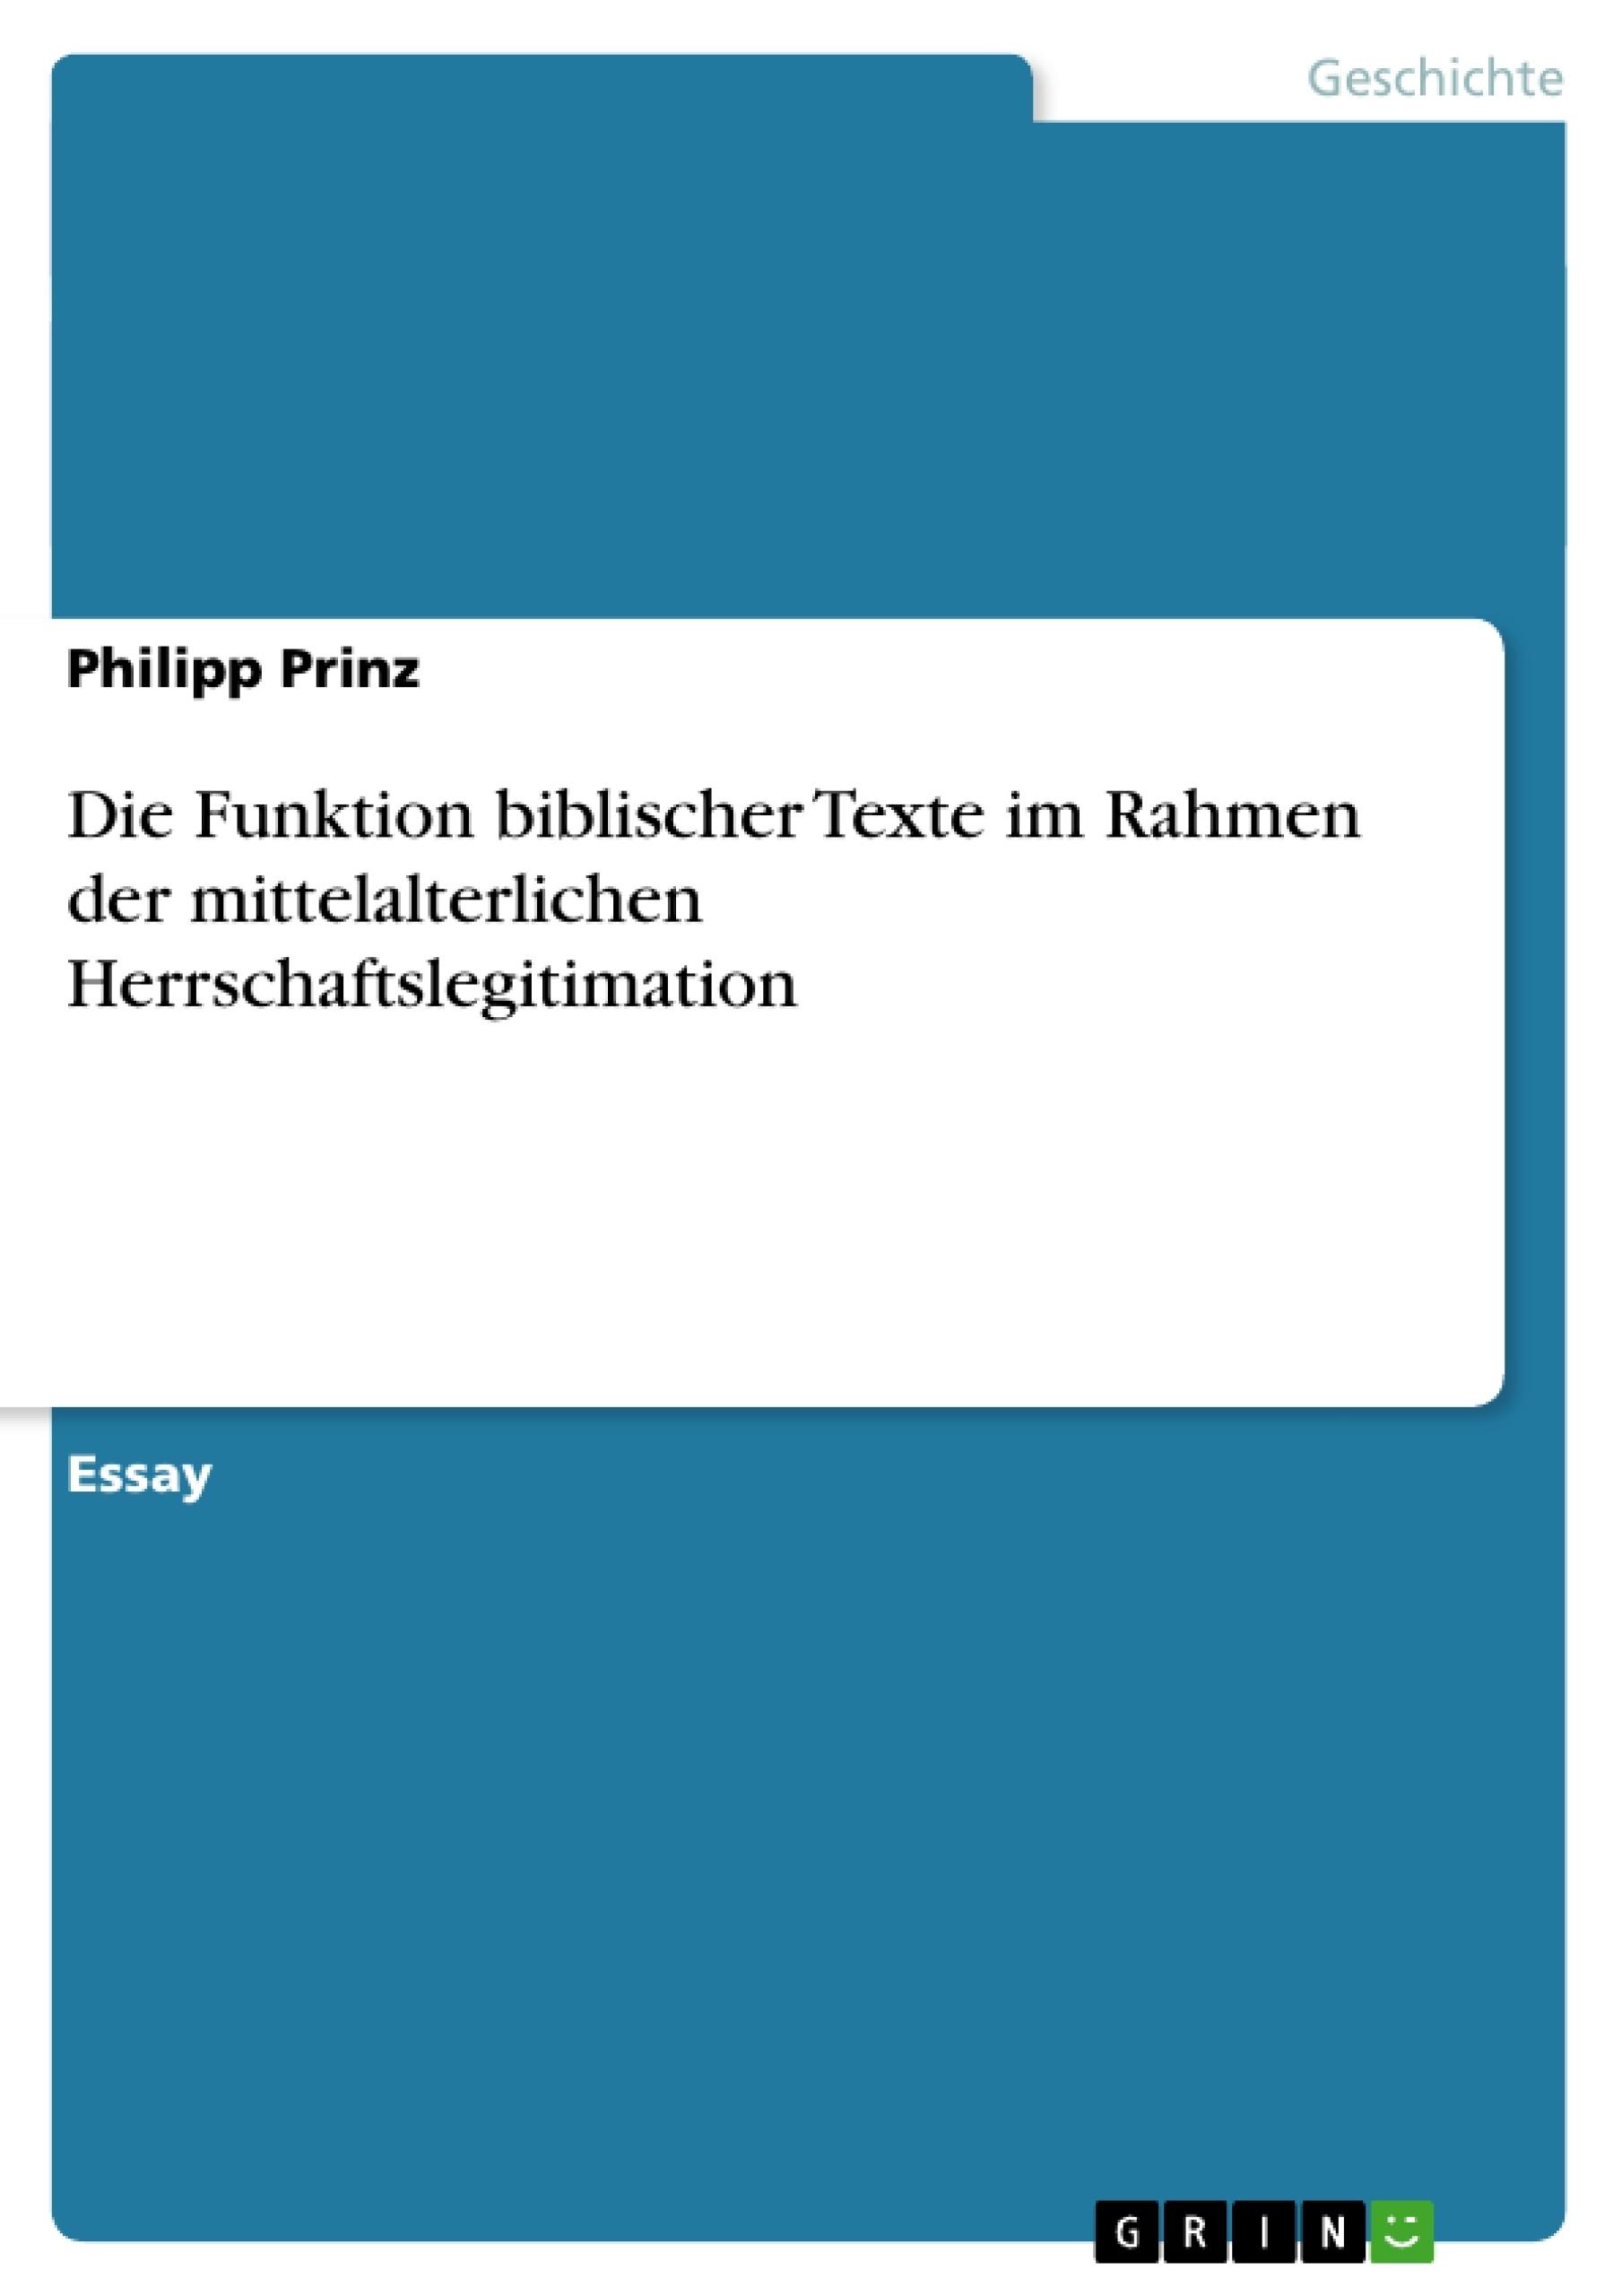 Titel: Die Funktion biblischer Texte im Rahmen der mittelalterlichen Herrschaftslegitimation